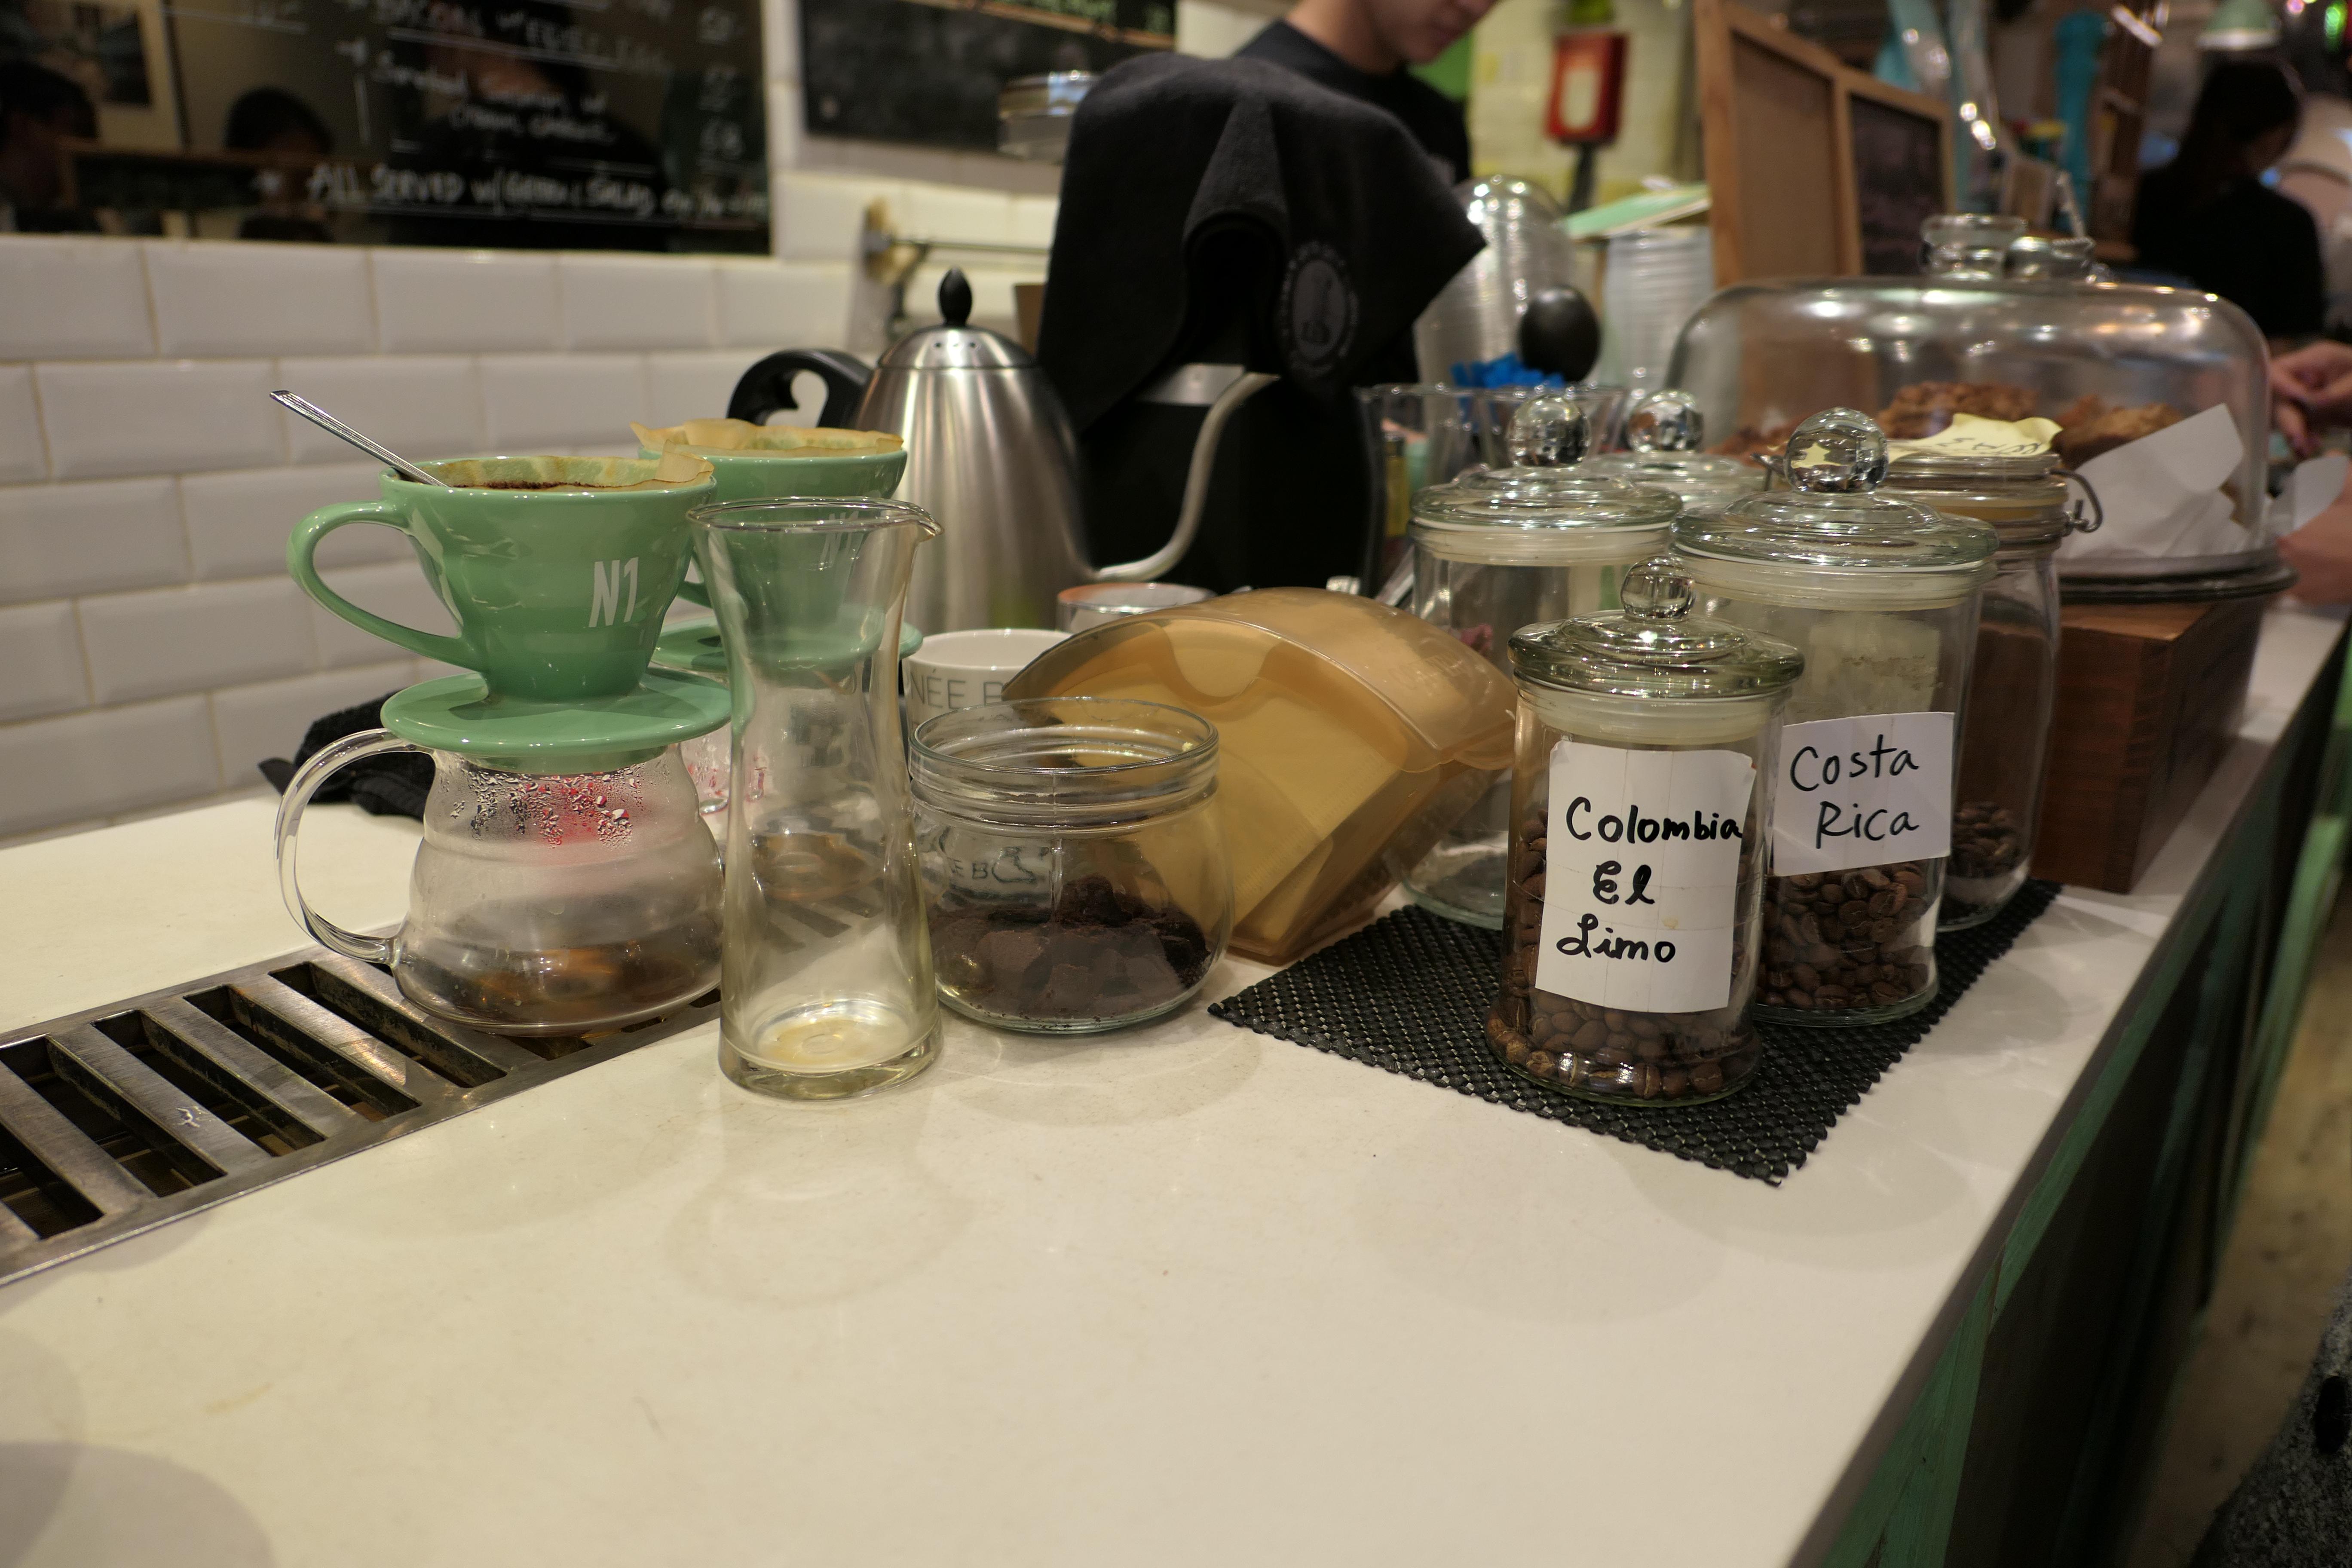 N1 Coffee Hong Kong